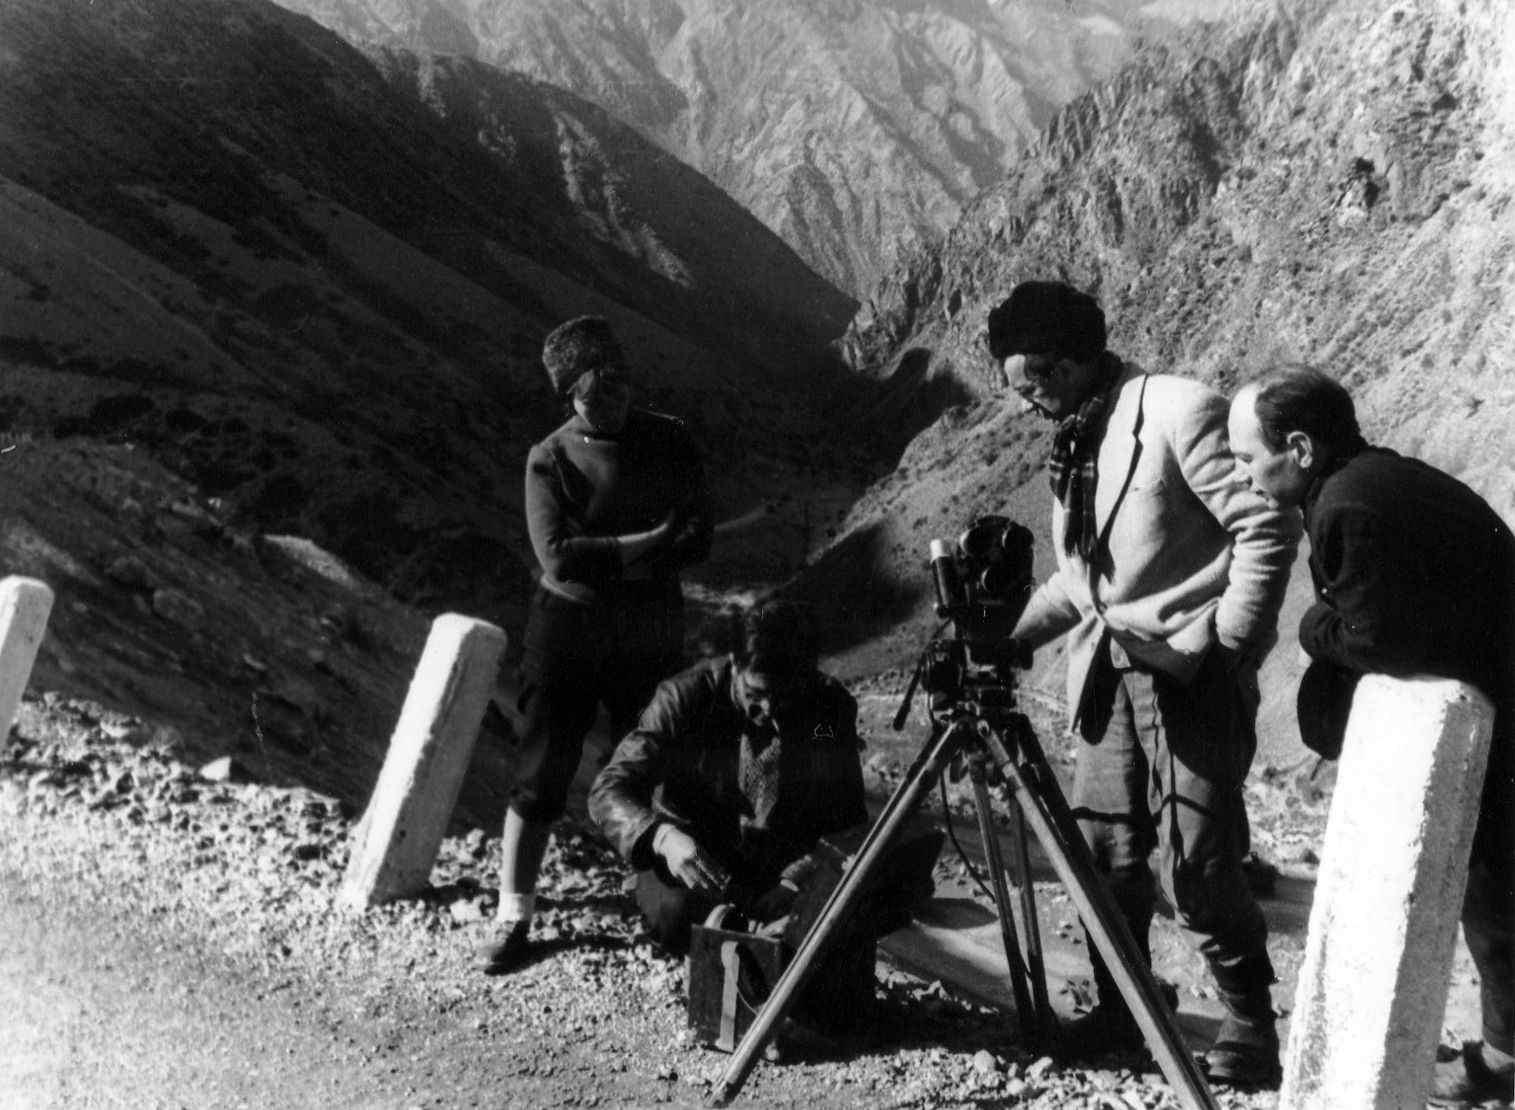 Экспонат #30. В горахТянь-Шаня. 1962 год